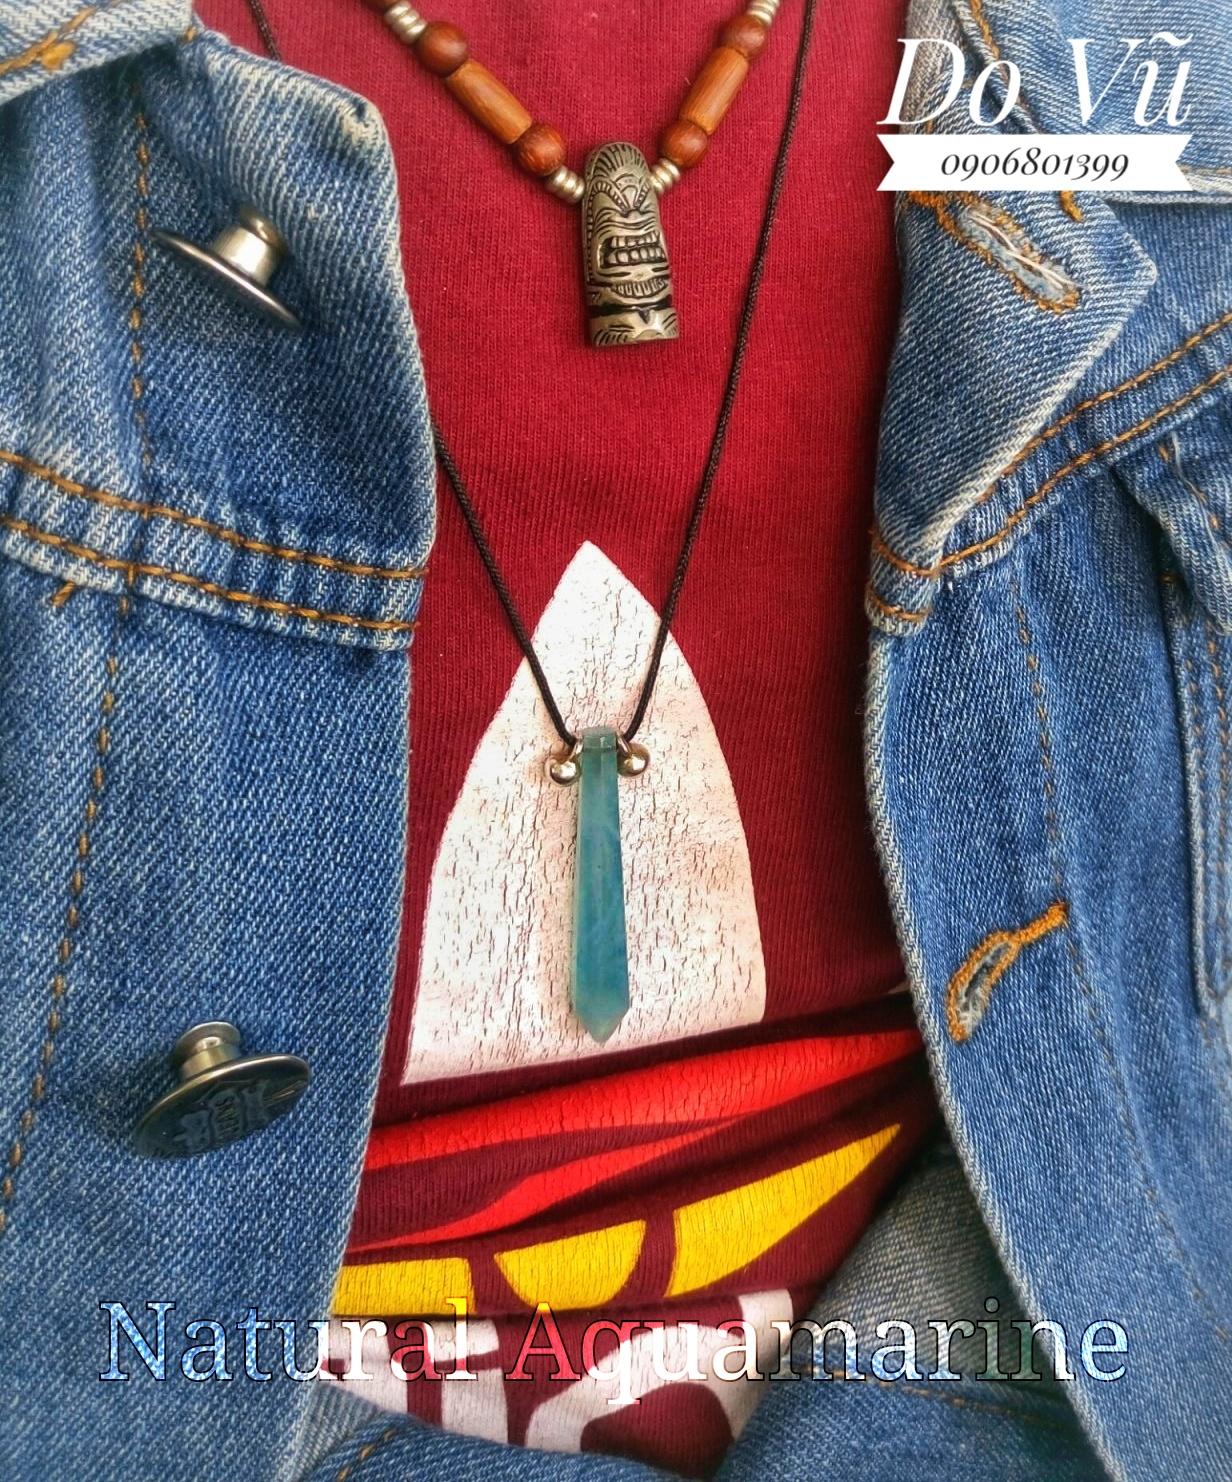 Mặt dây đá Ngọc Lam Biển, Natural Aquamarine hình trụ lục giác ( 12/04/20, 04 )